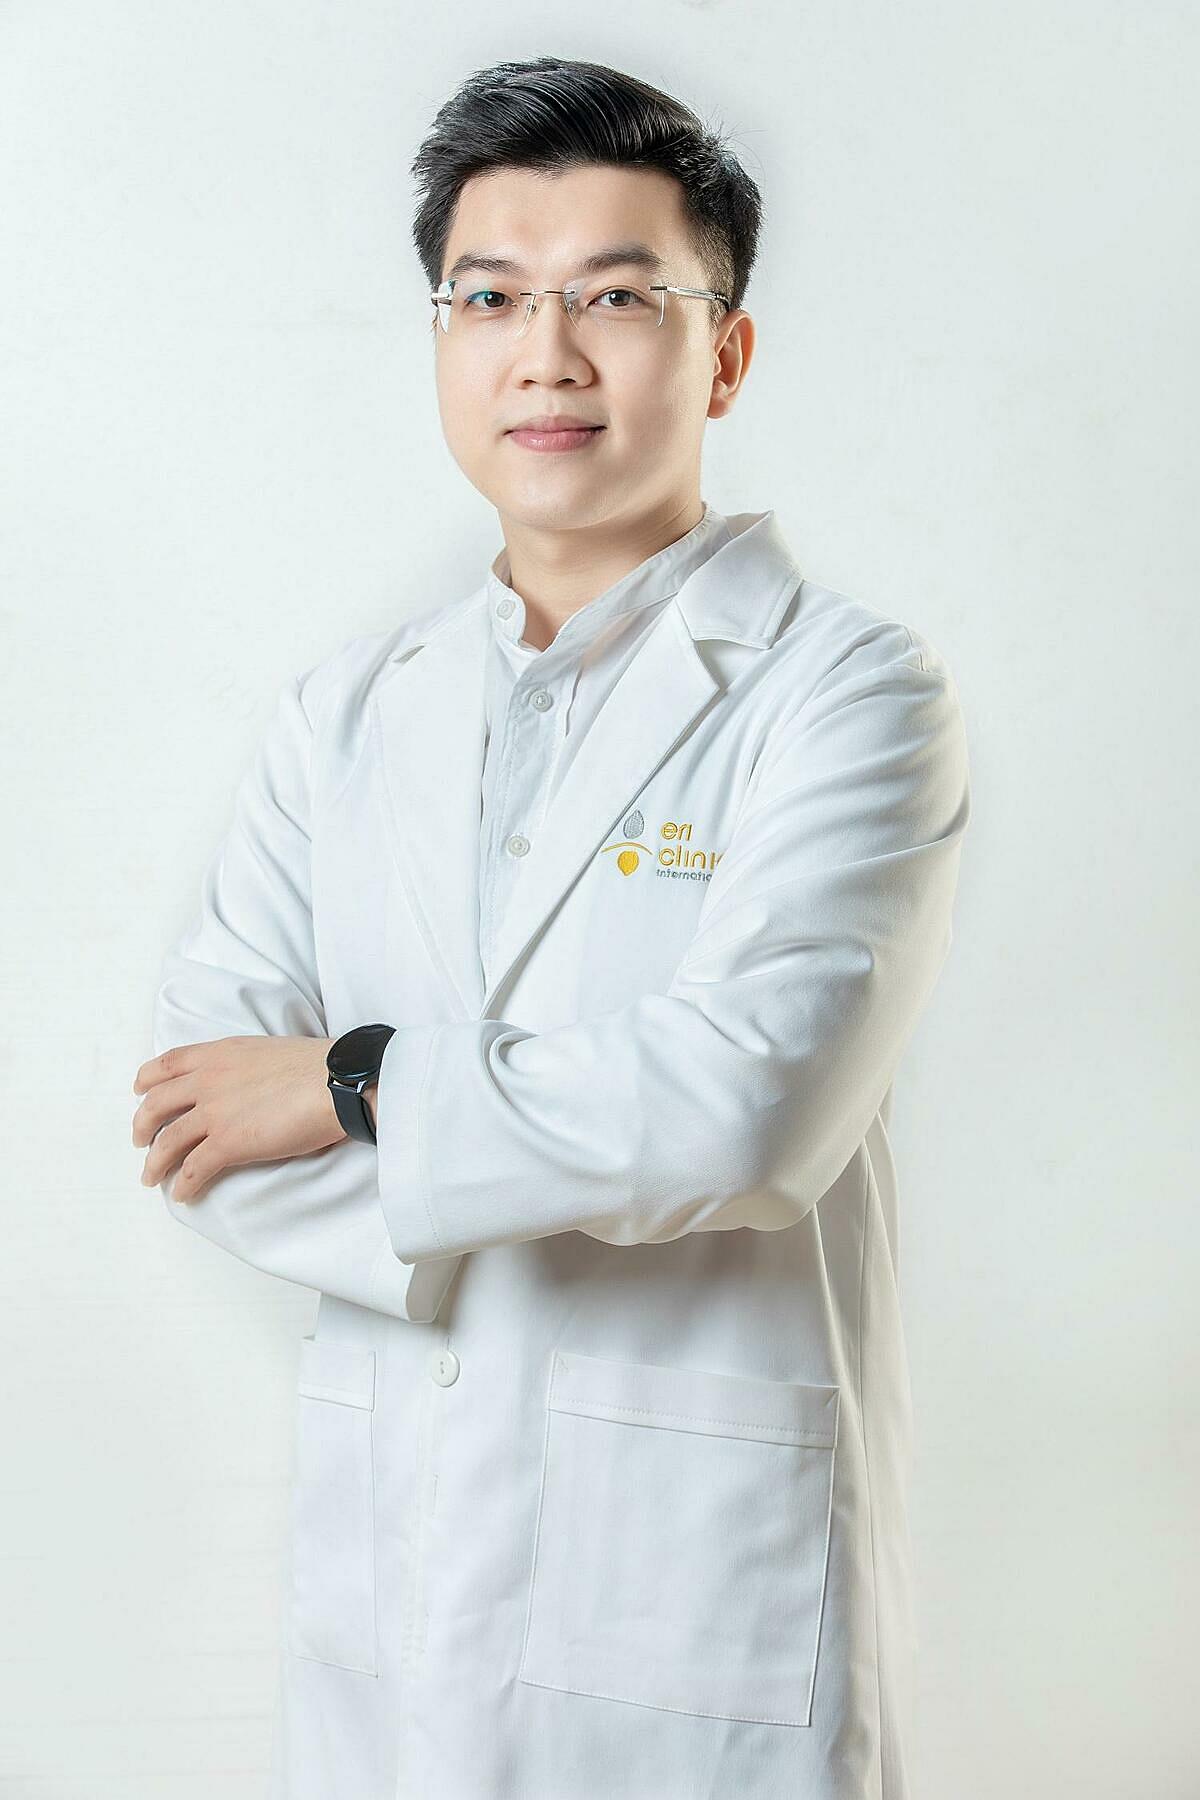 Bác sĩ Tuấn Anh có nhiều kinh nghiệm trong điều trị sắc tố và trẻ hóa da cho nam giới.